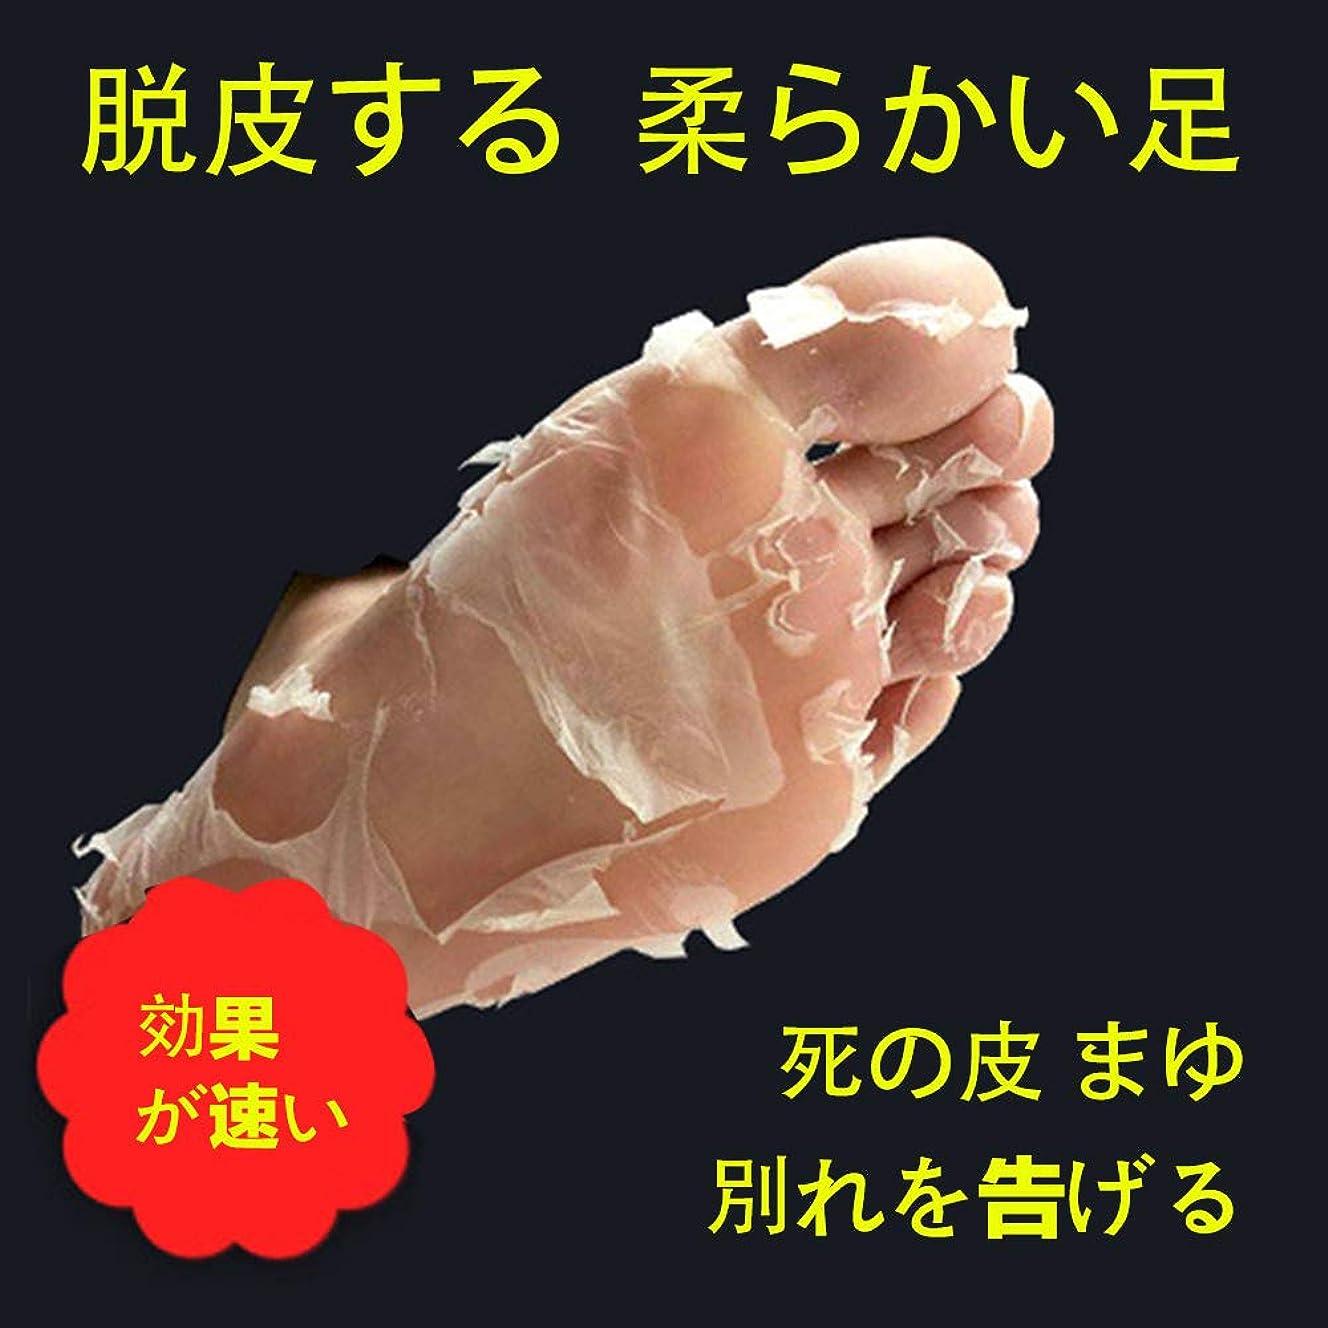 飢えた簡潔な乳製品FOYAGE エクスフォリエイティングスエードフットフィルム1袋40ml(2フィートセット付き)7日肌の変化は刺激的ではありません 1袋